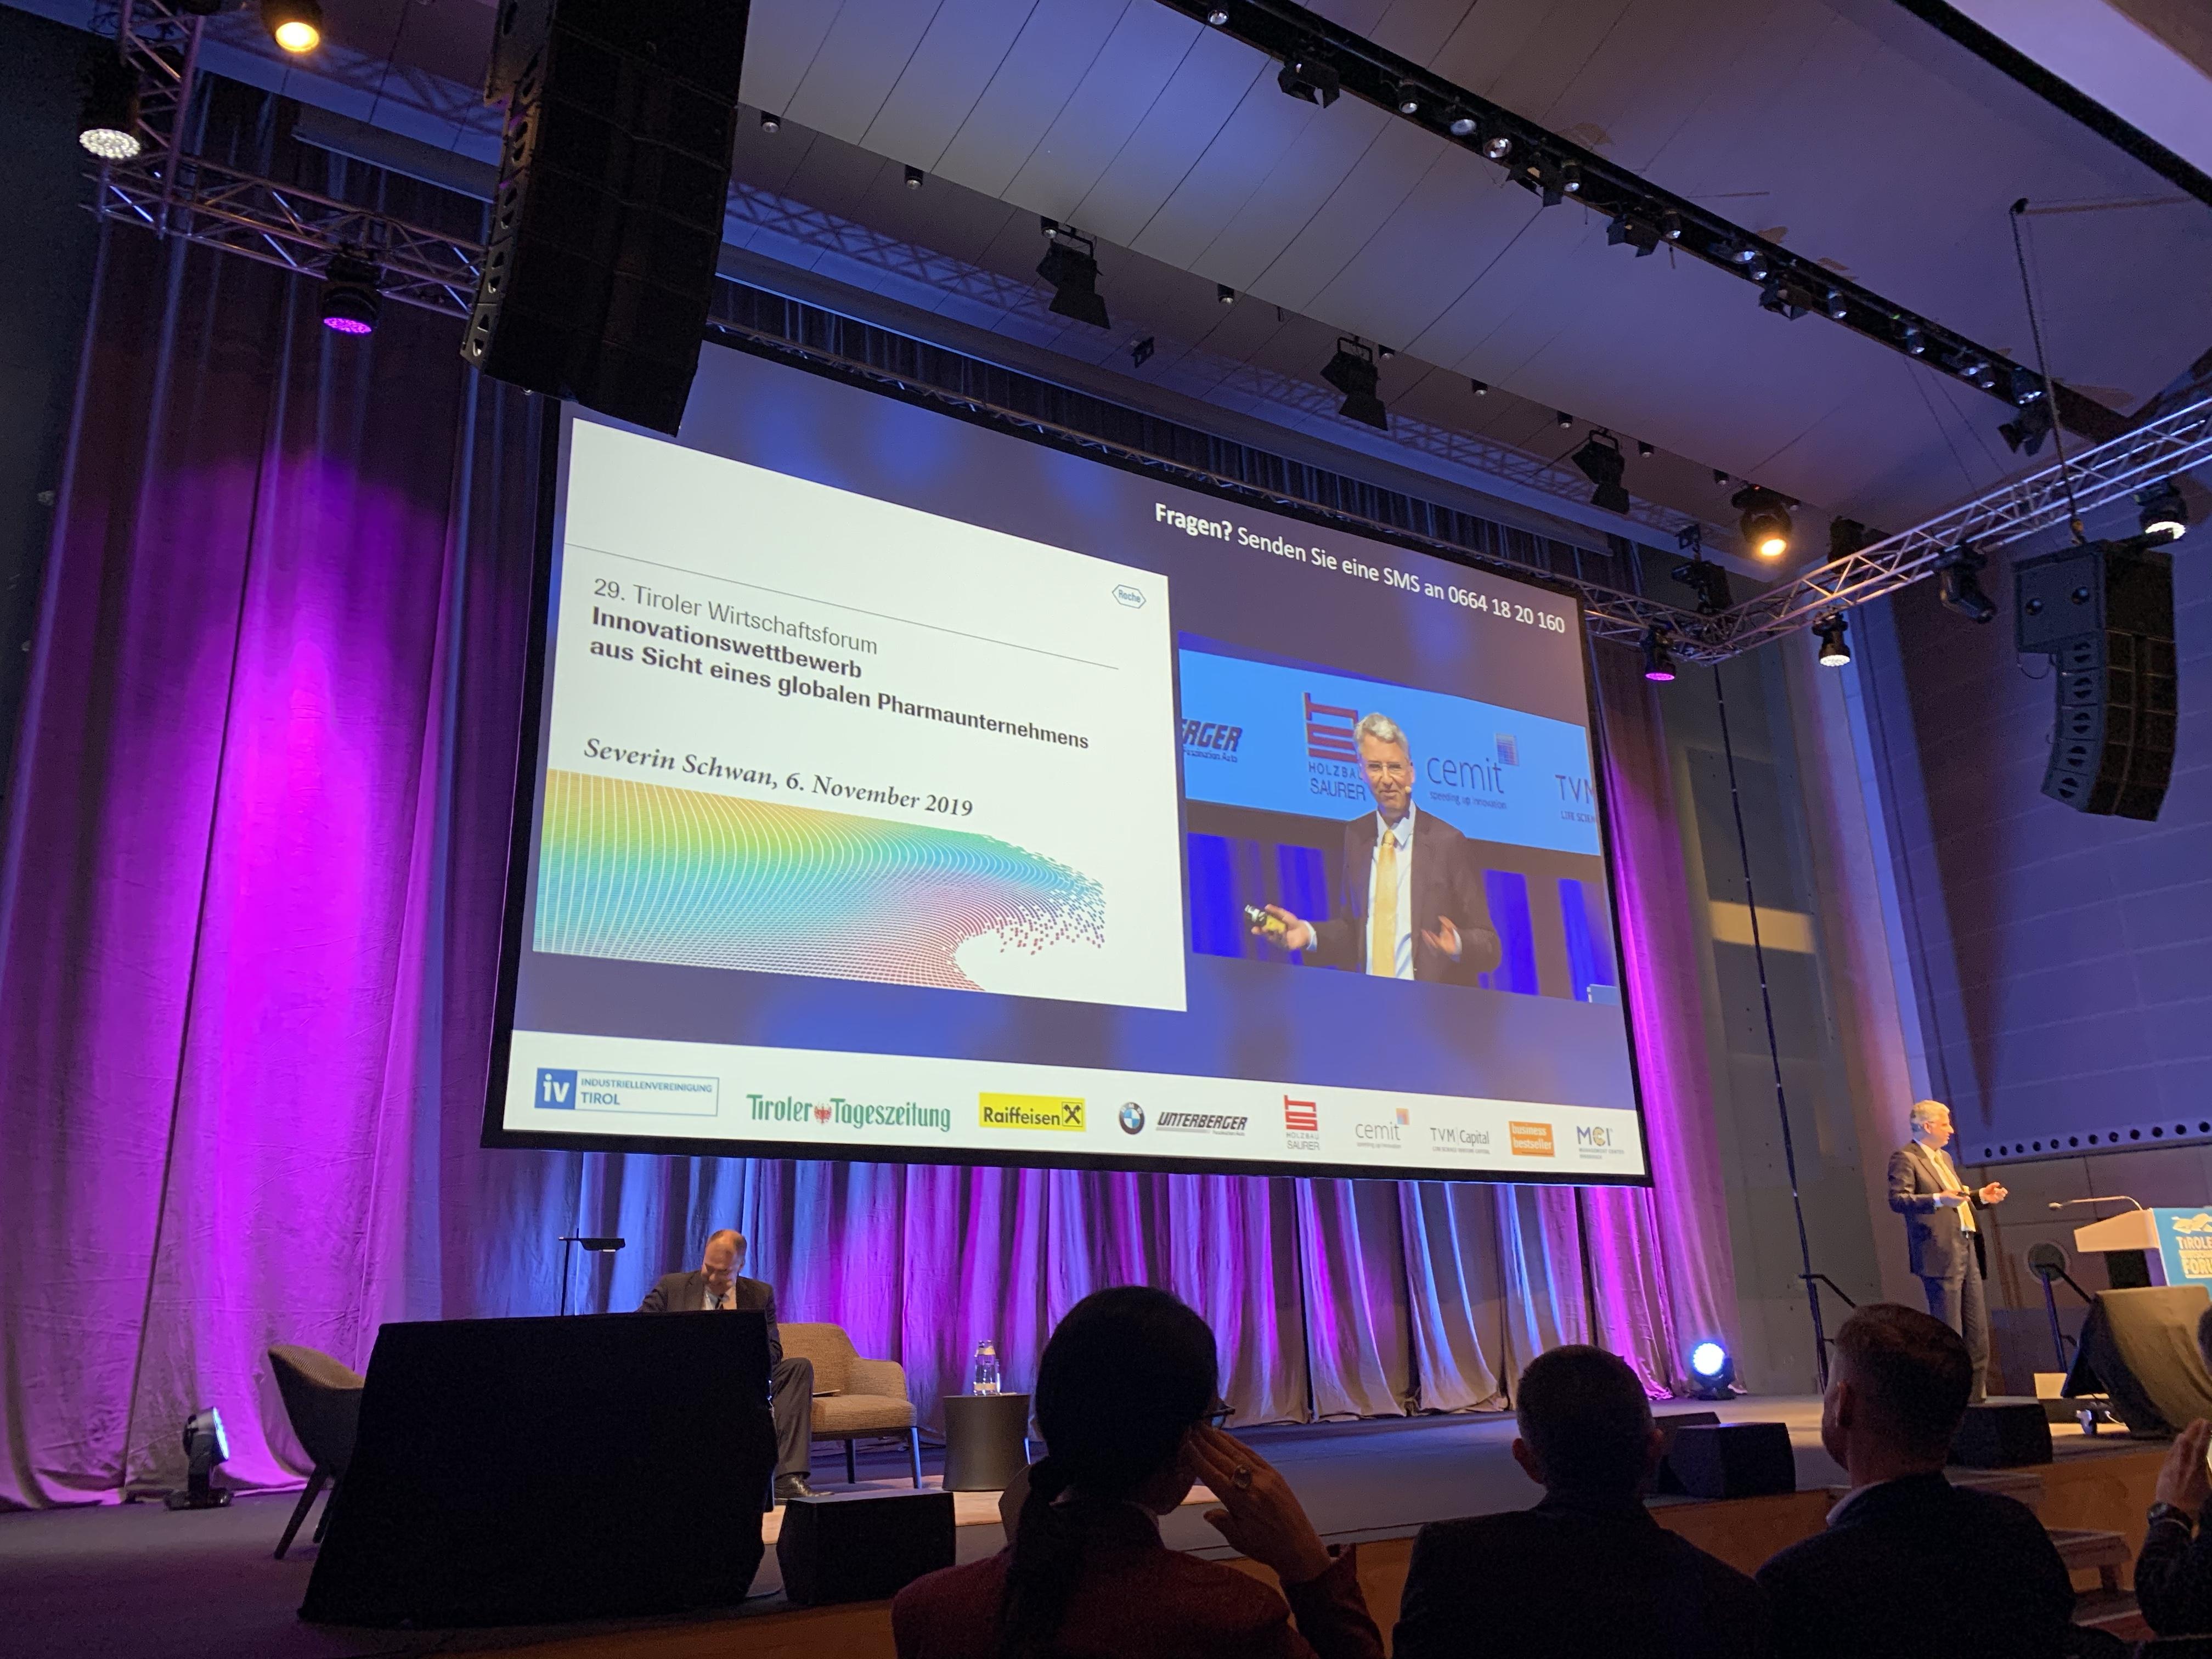 Tiroler Wirtschaftsforum: Forschung für ein schönes Leben